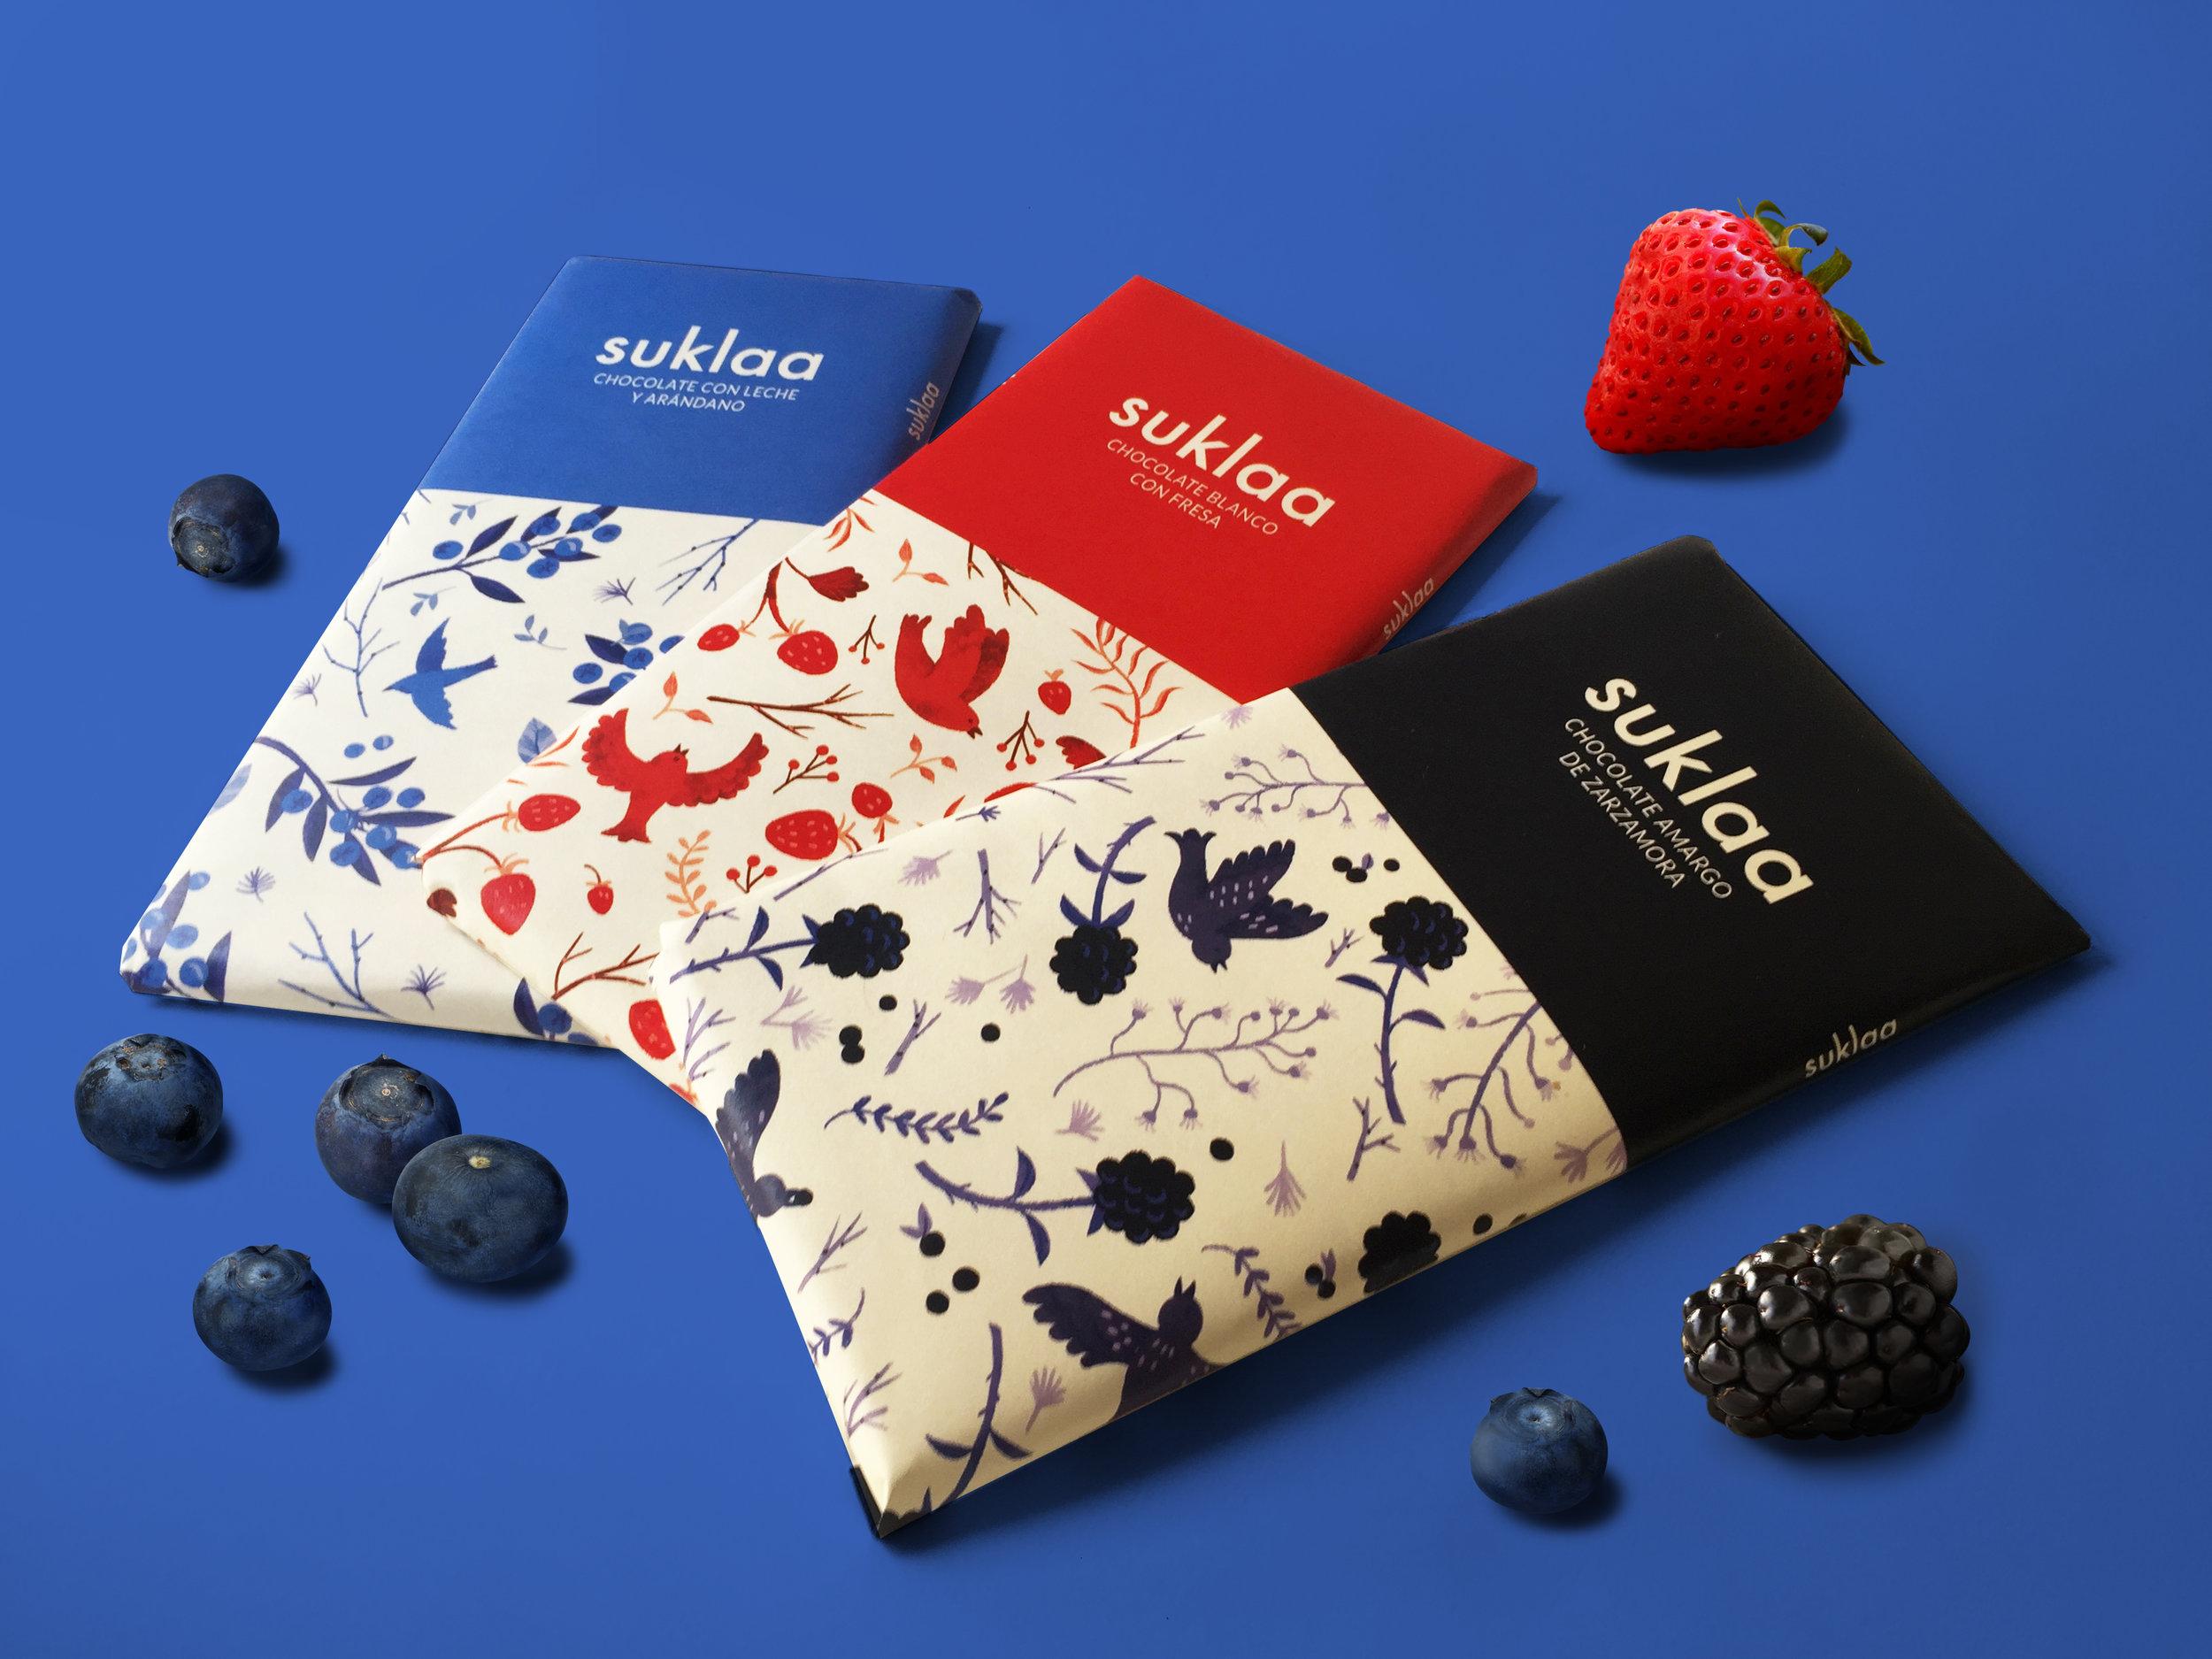 Product design & pattern illustration. Suklaa chocolate bars. / 2019